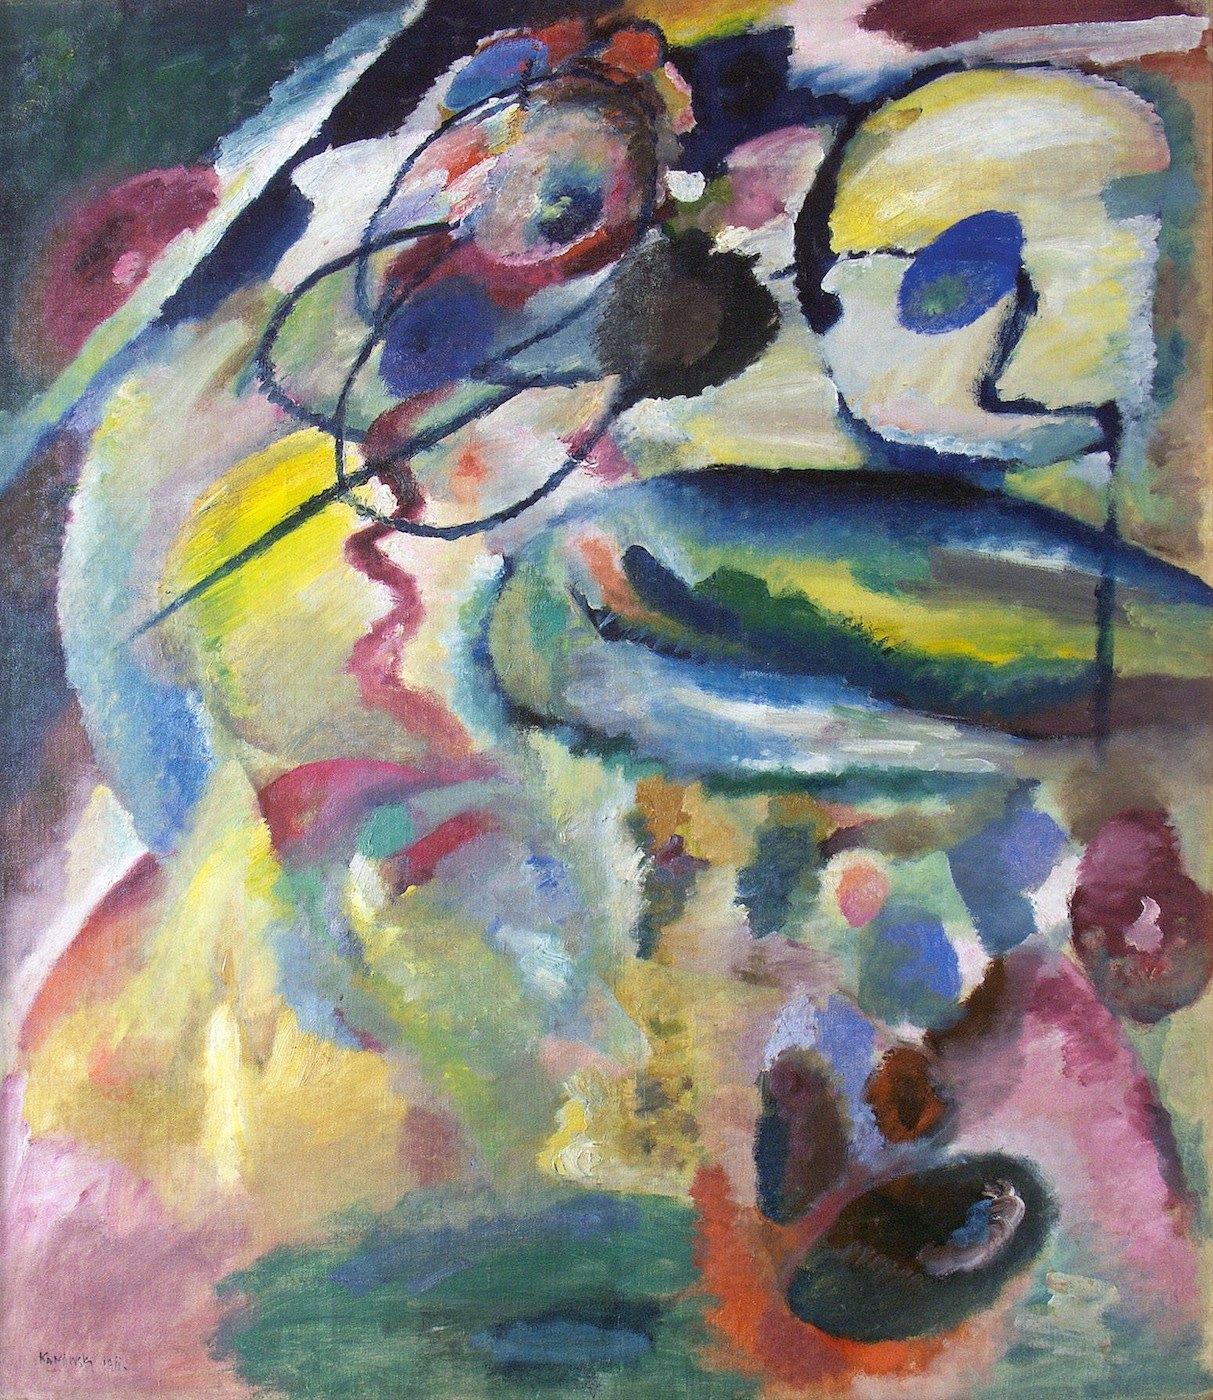 tableaux kandinsky